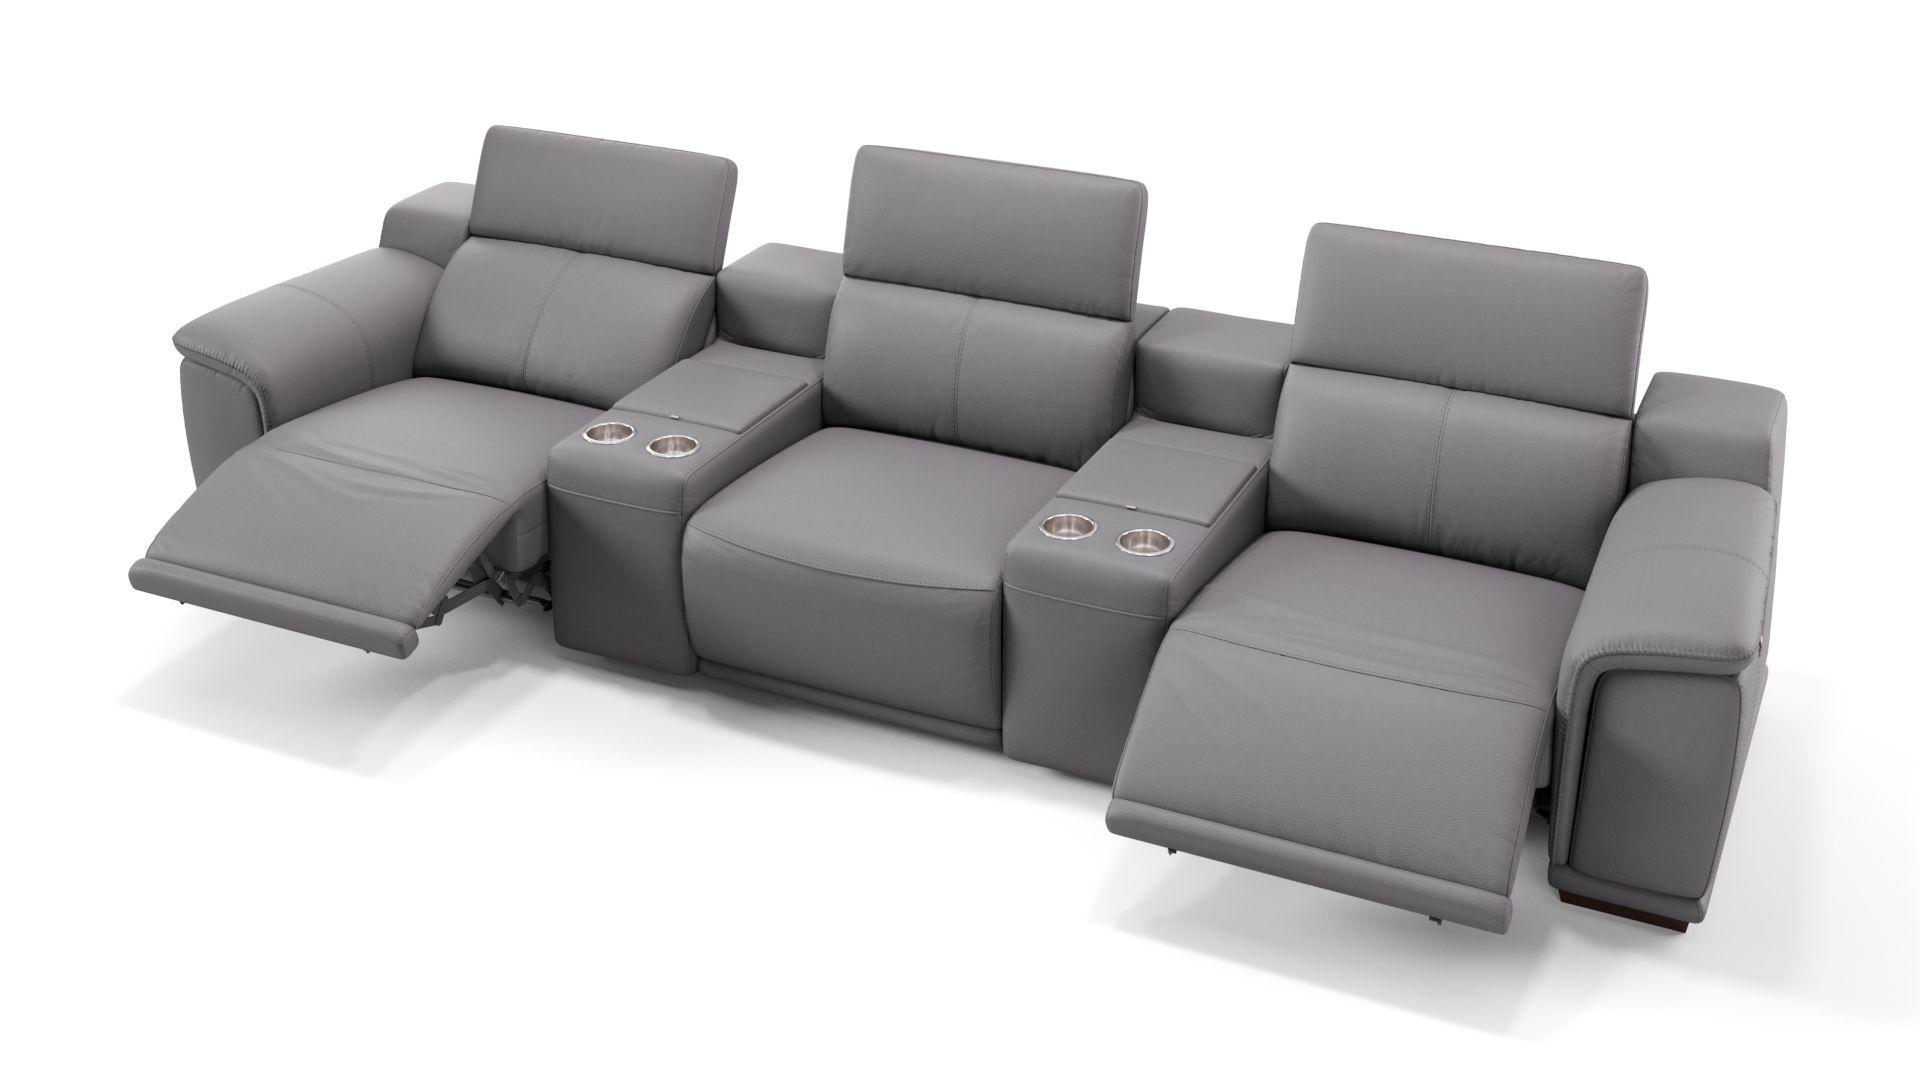 Leder 3-Sitzer Kinosofa mit zwei Mittelkonsolen MONTEFINO